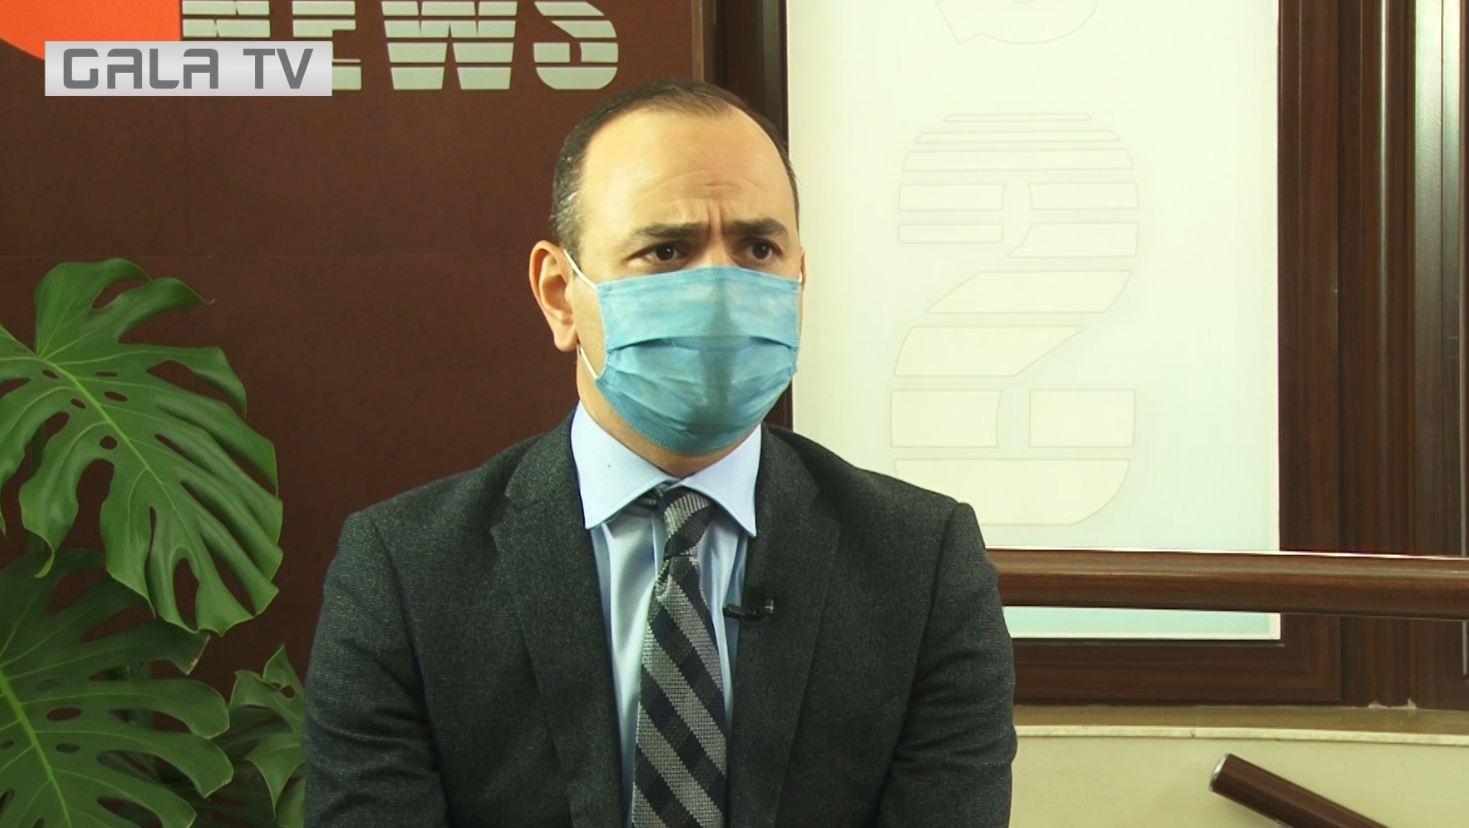 Photo of Если господин Пашинян подаст в отставку, я буду считать это предательством. Что с того, если он уйдет? Что же будет «после»? Заре Синанян